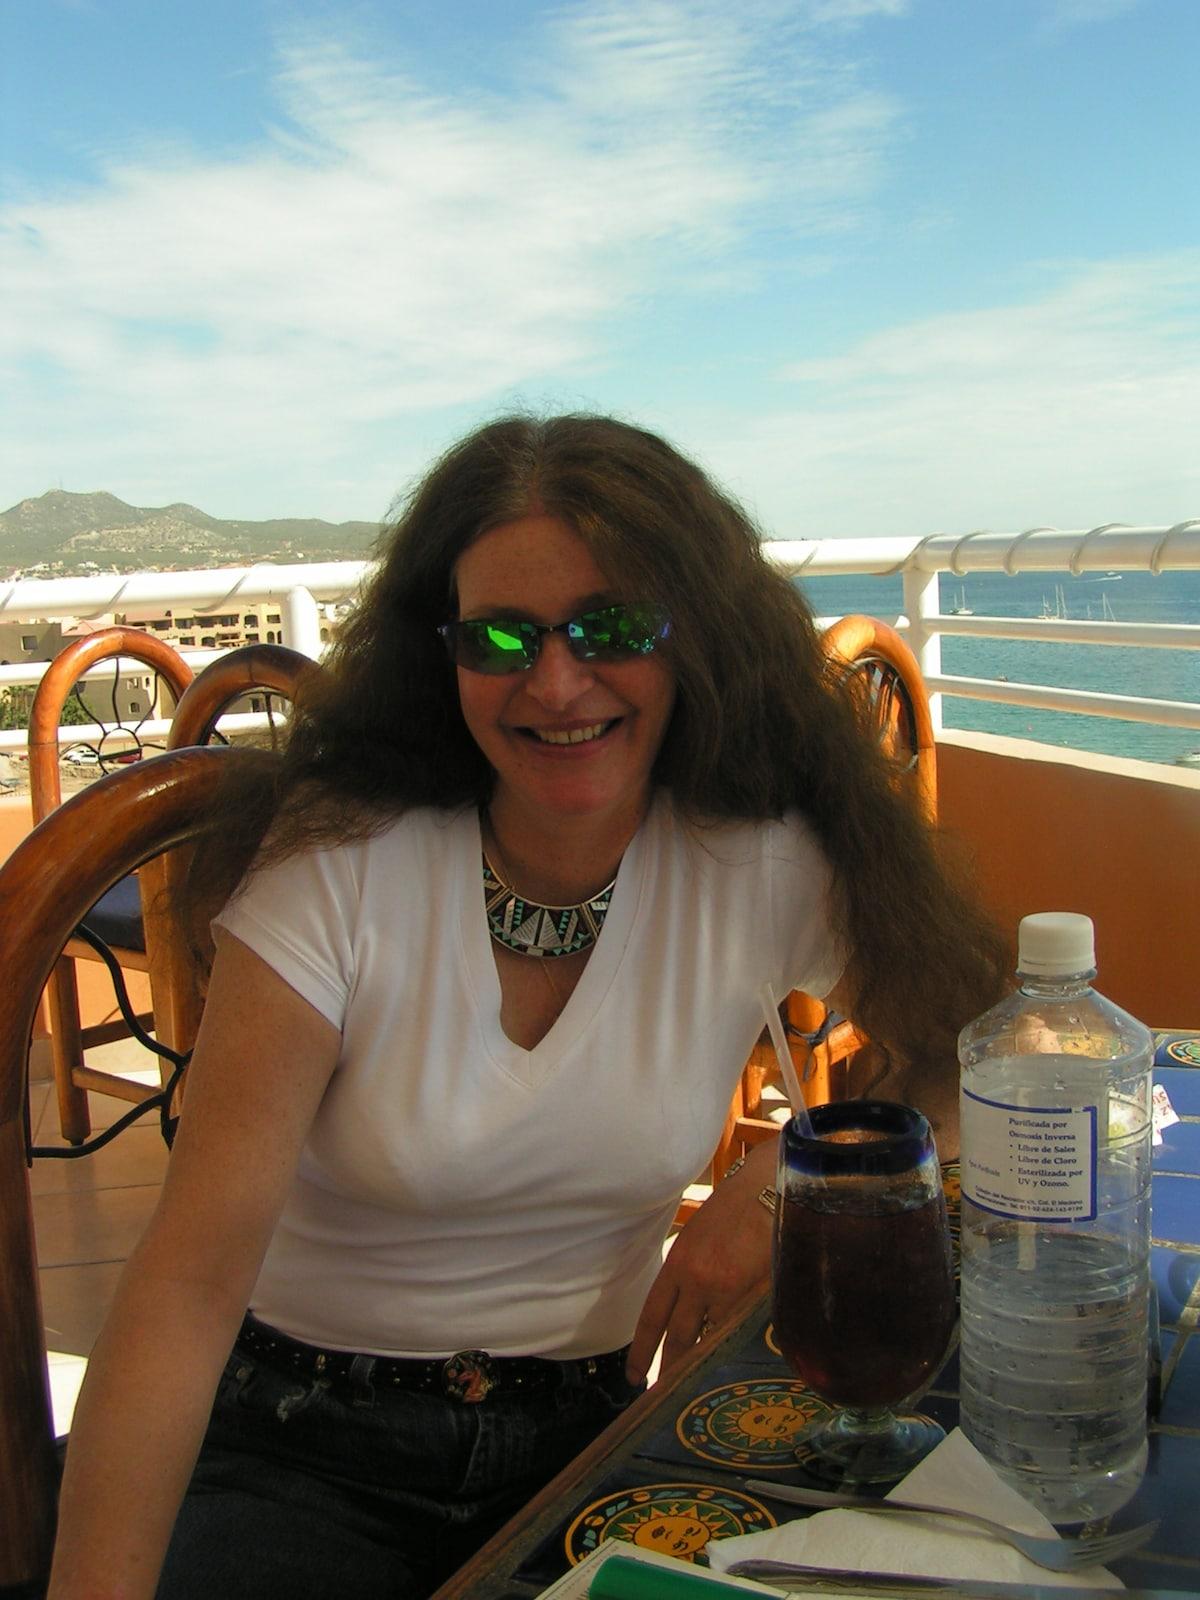 Deborah from Idaho Springs